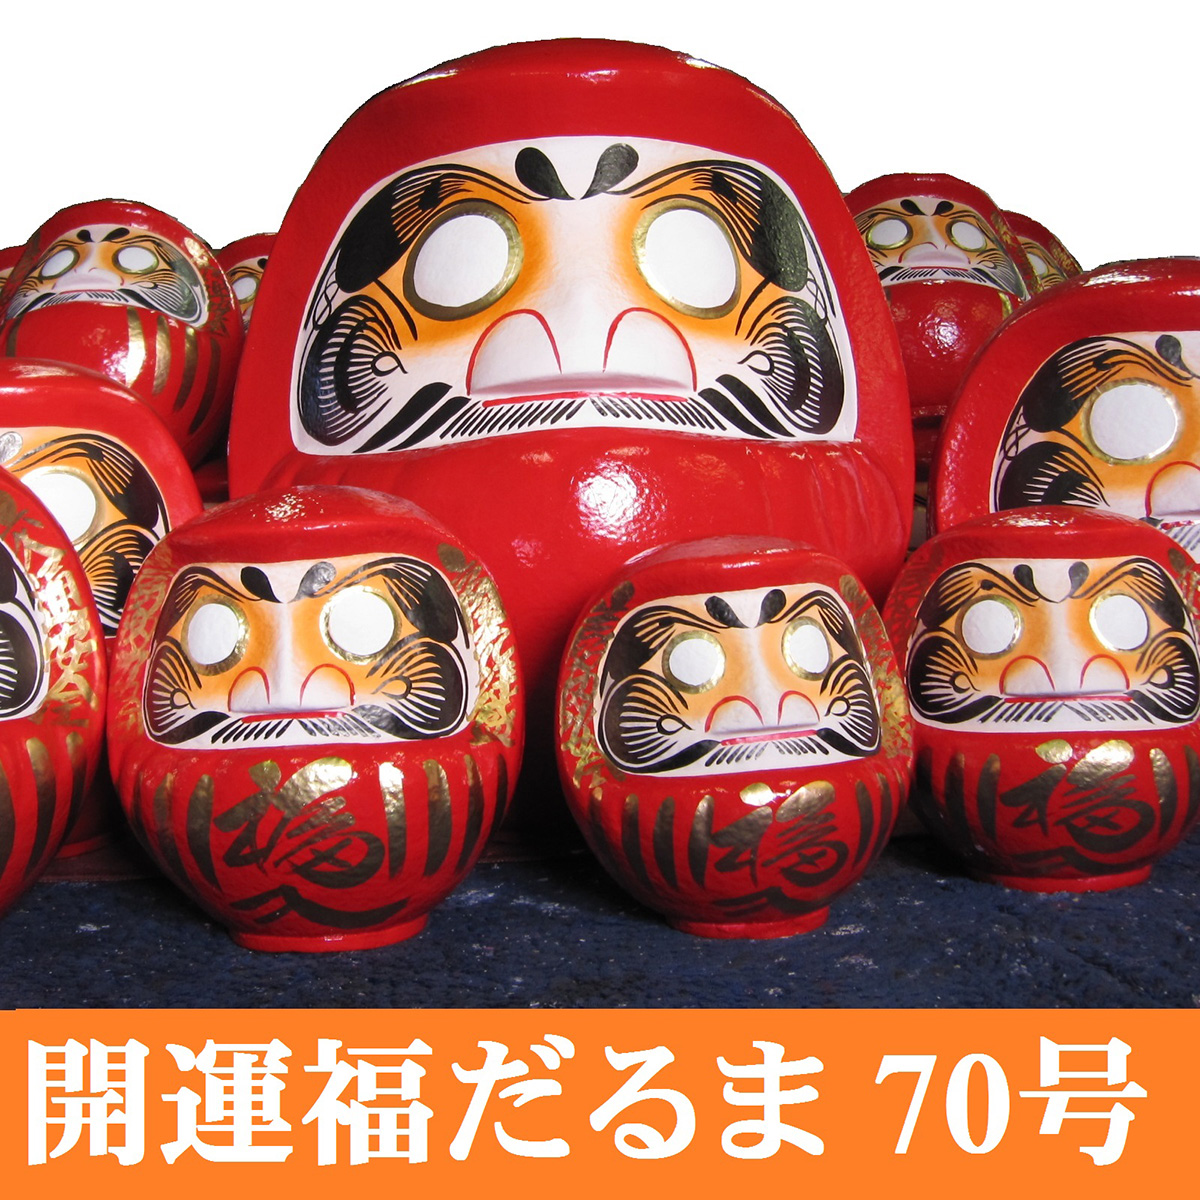 【ふるさと納税】榛東開運福だるま70号(75cm)